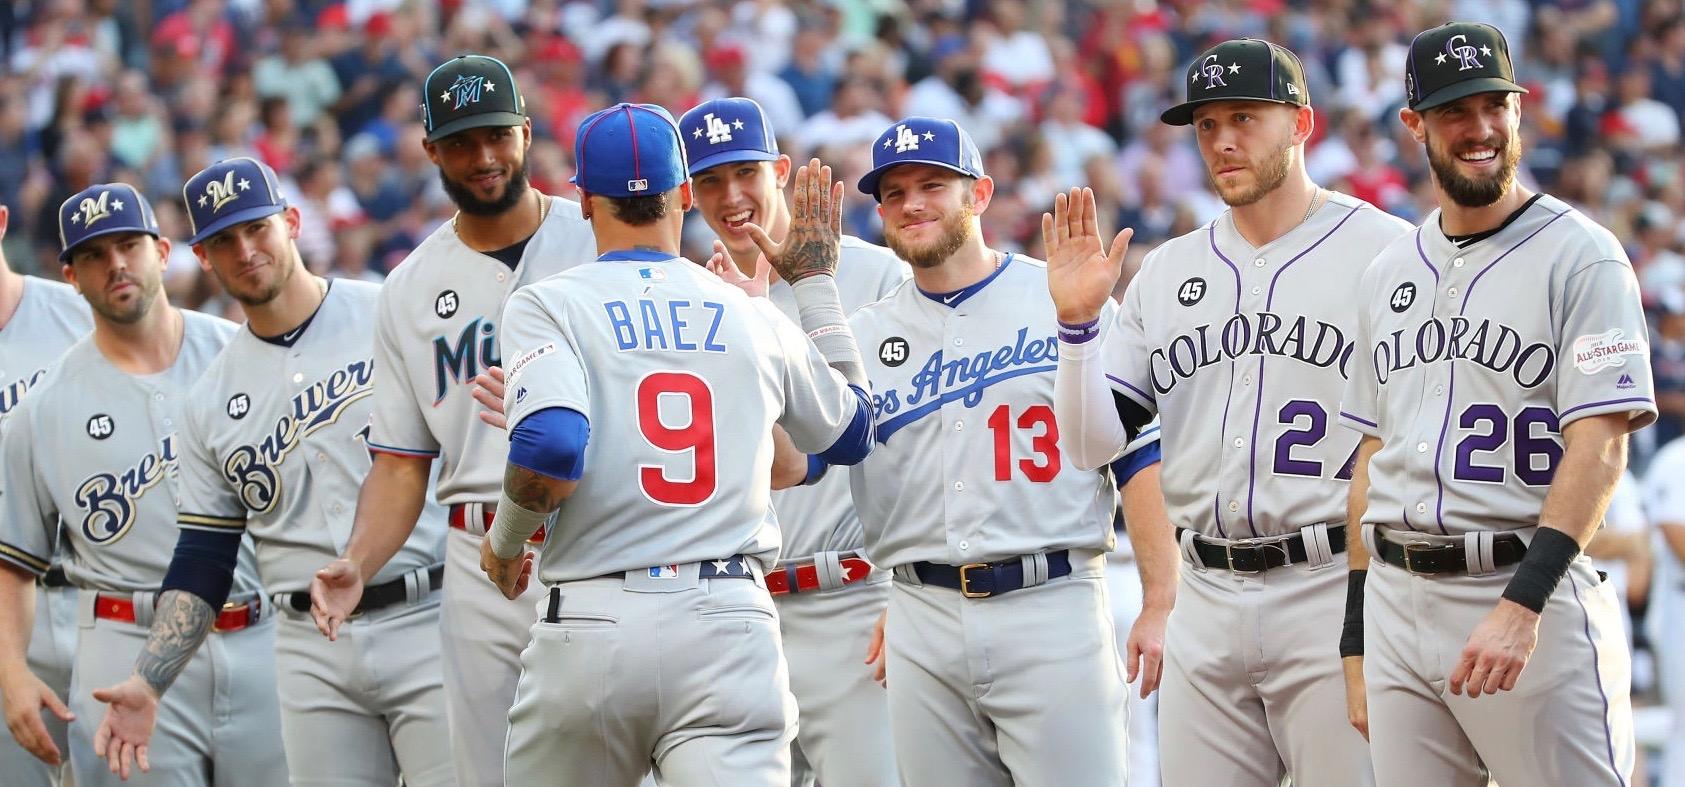 Halfway There An Analysis Of The 2019 Baseball Season